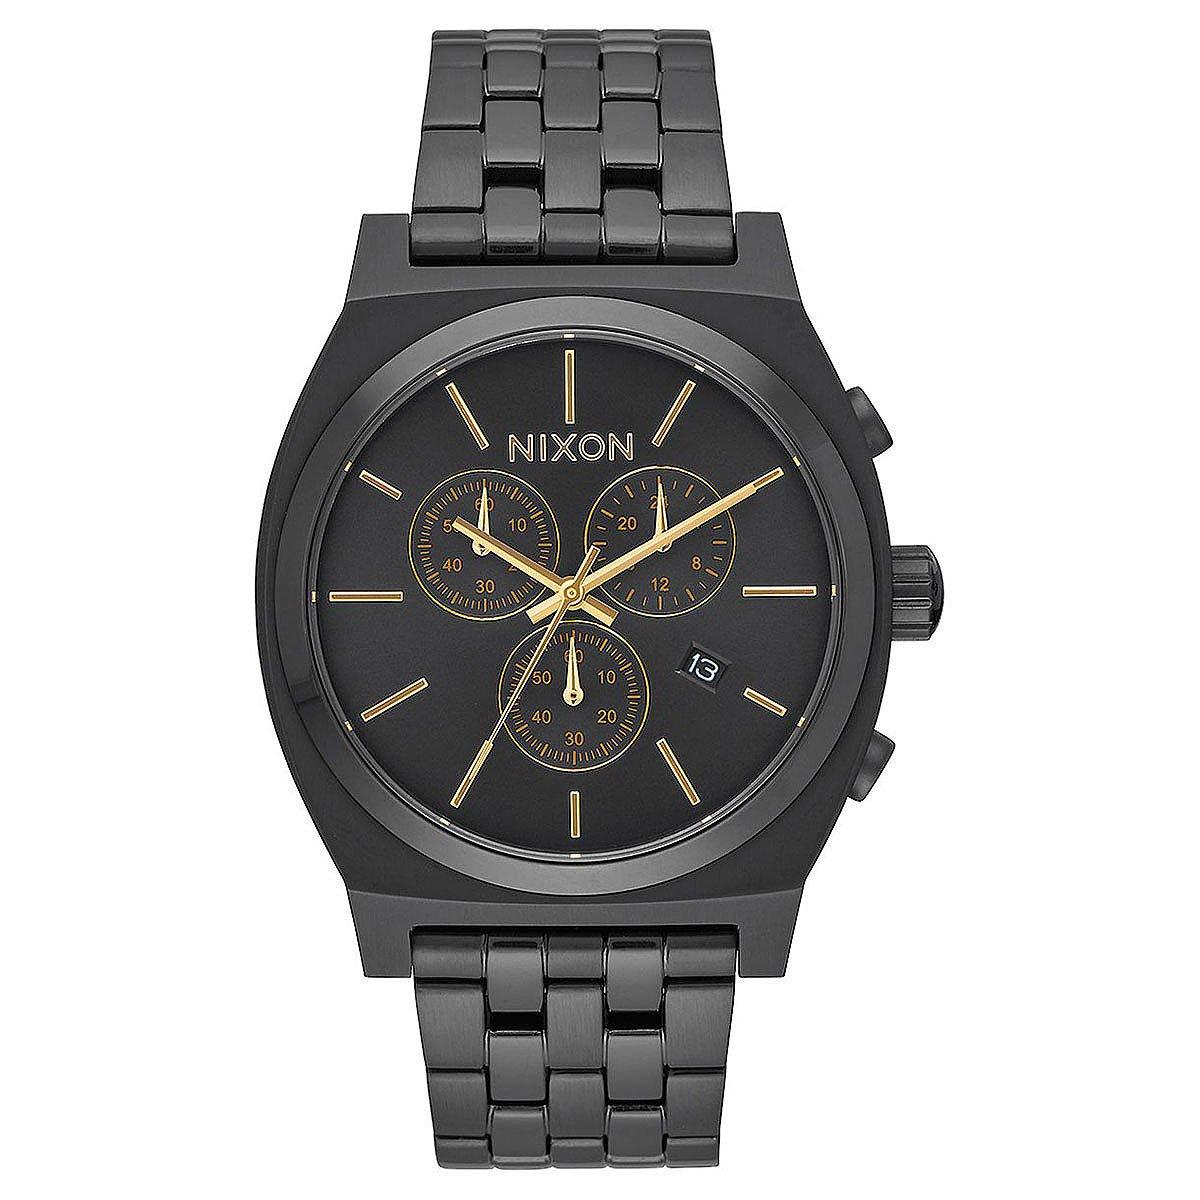 Часы купить алл тайм купить мужские швейцарские часы со скидкой